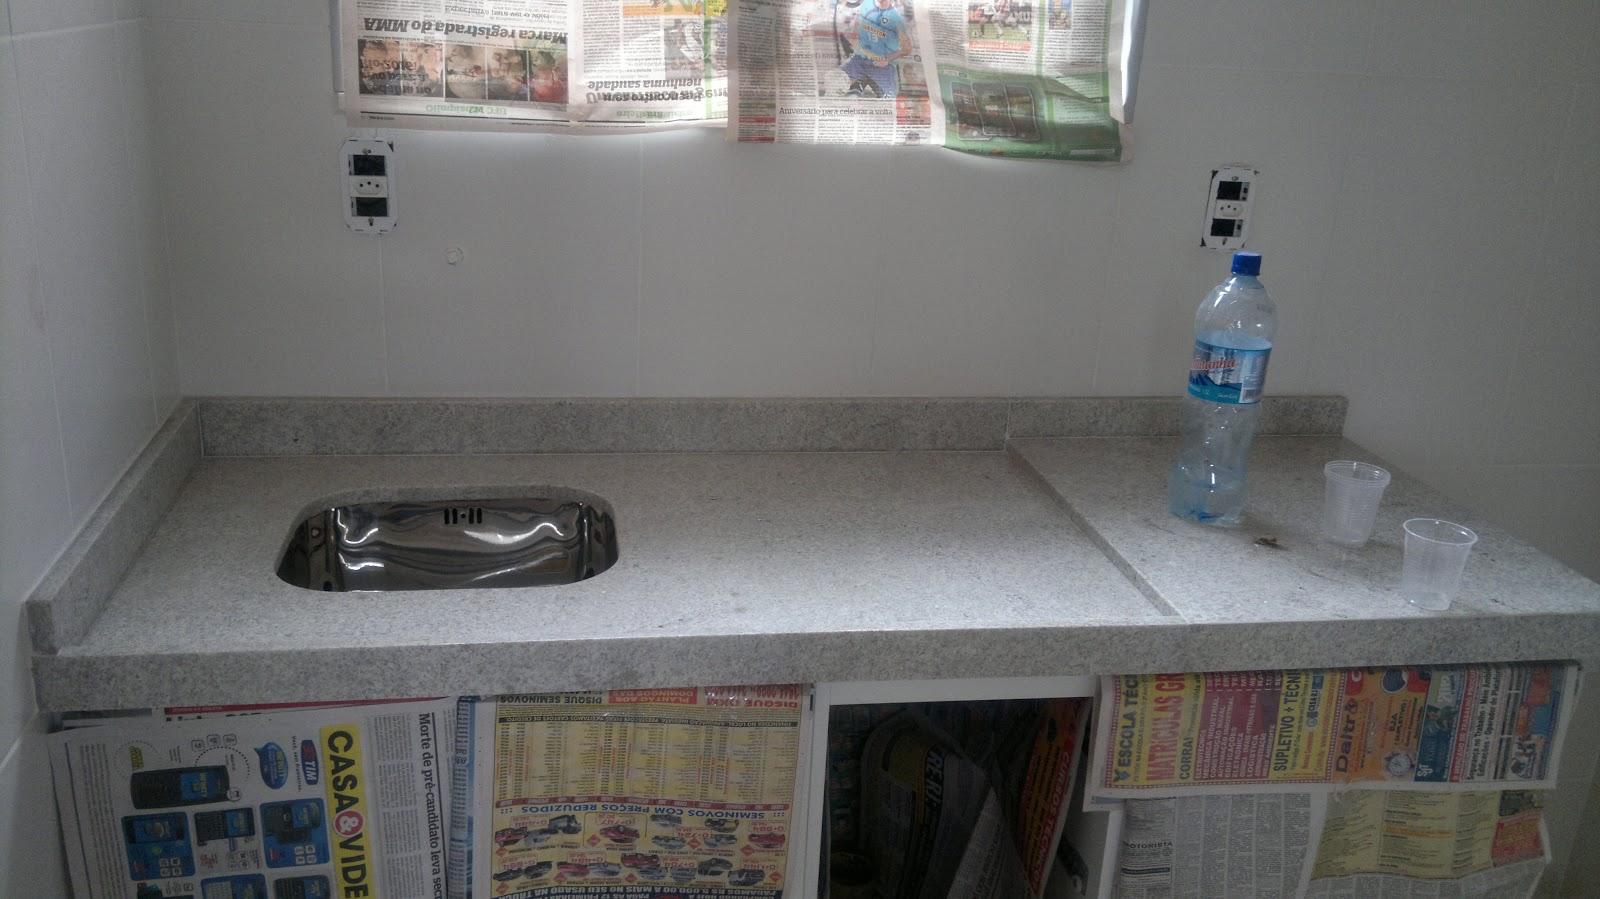 Pin Banheiro Preto E Cinza Revestimento Quartos Ideias Para Pelautscom #5B4D47 1600 899